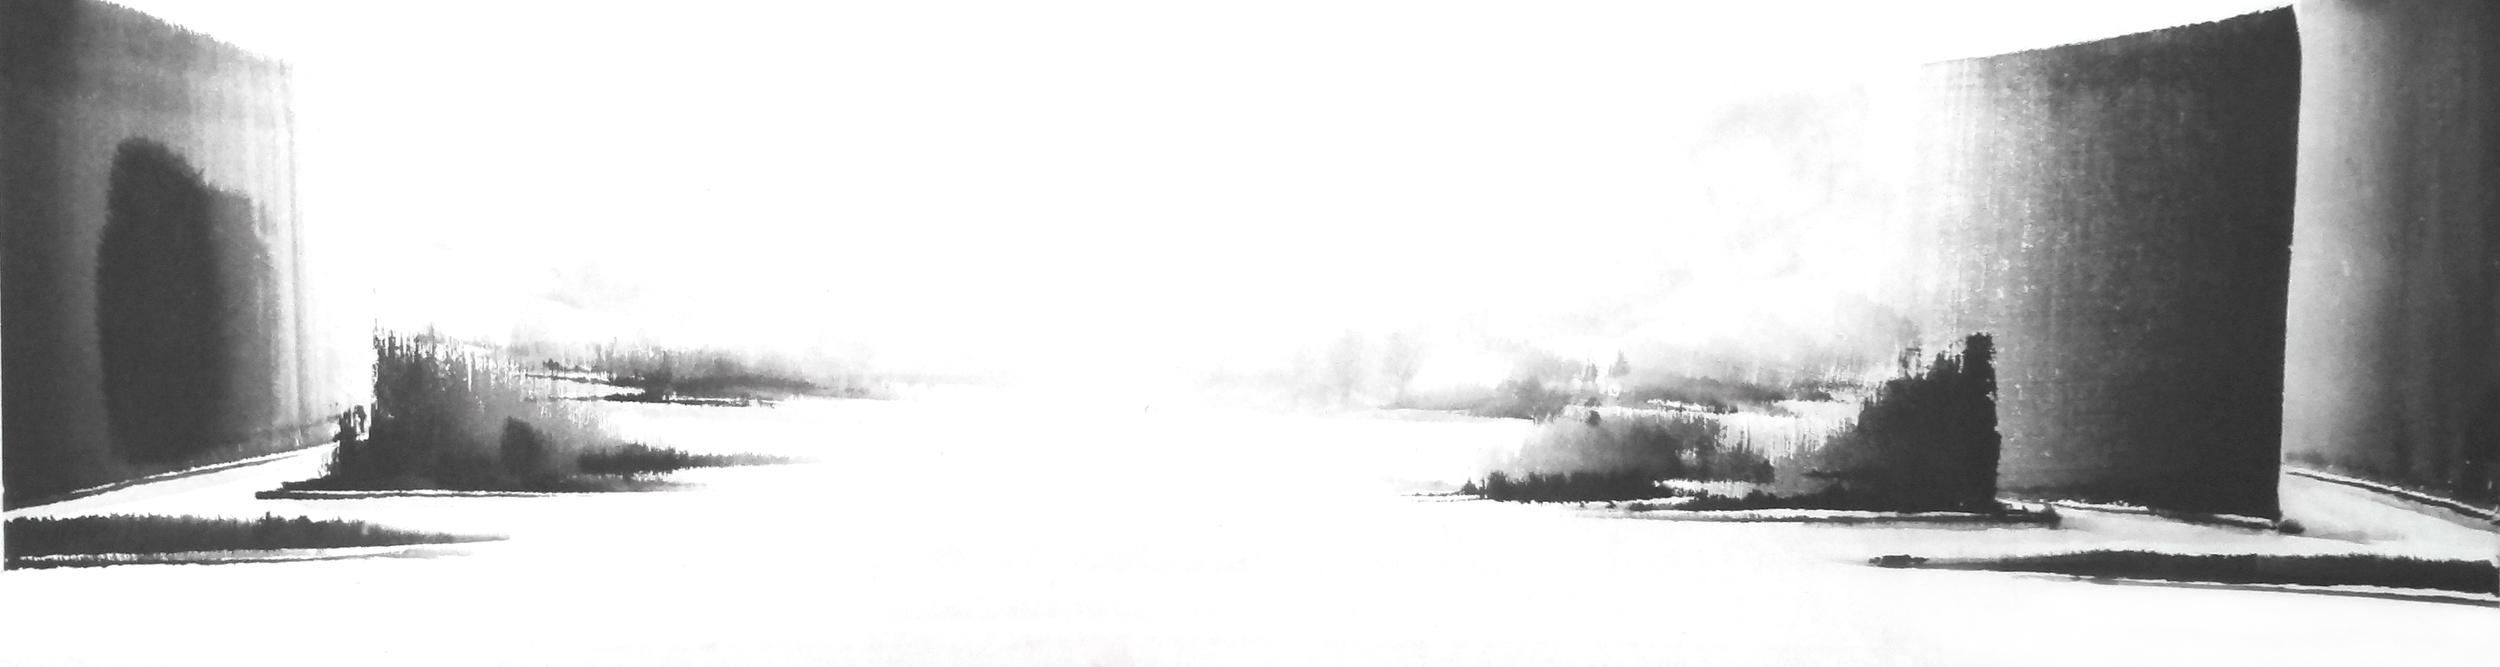 z. 빛 다시 Again in His Light, 38X140cm, ink on paper, 2012.JPG